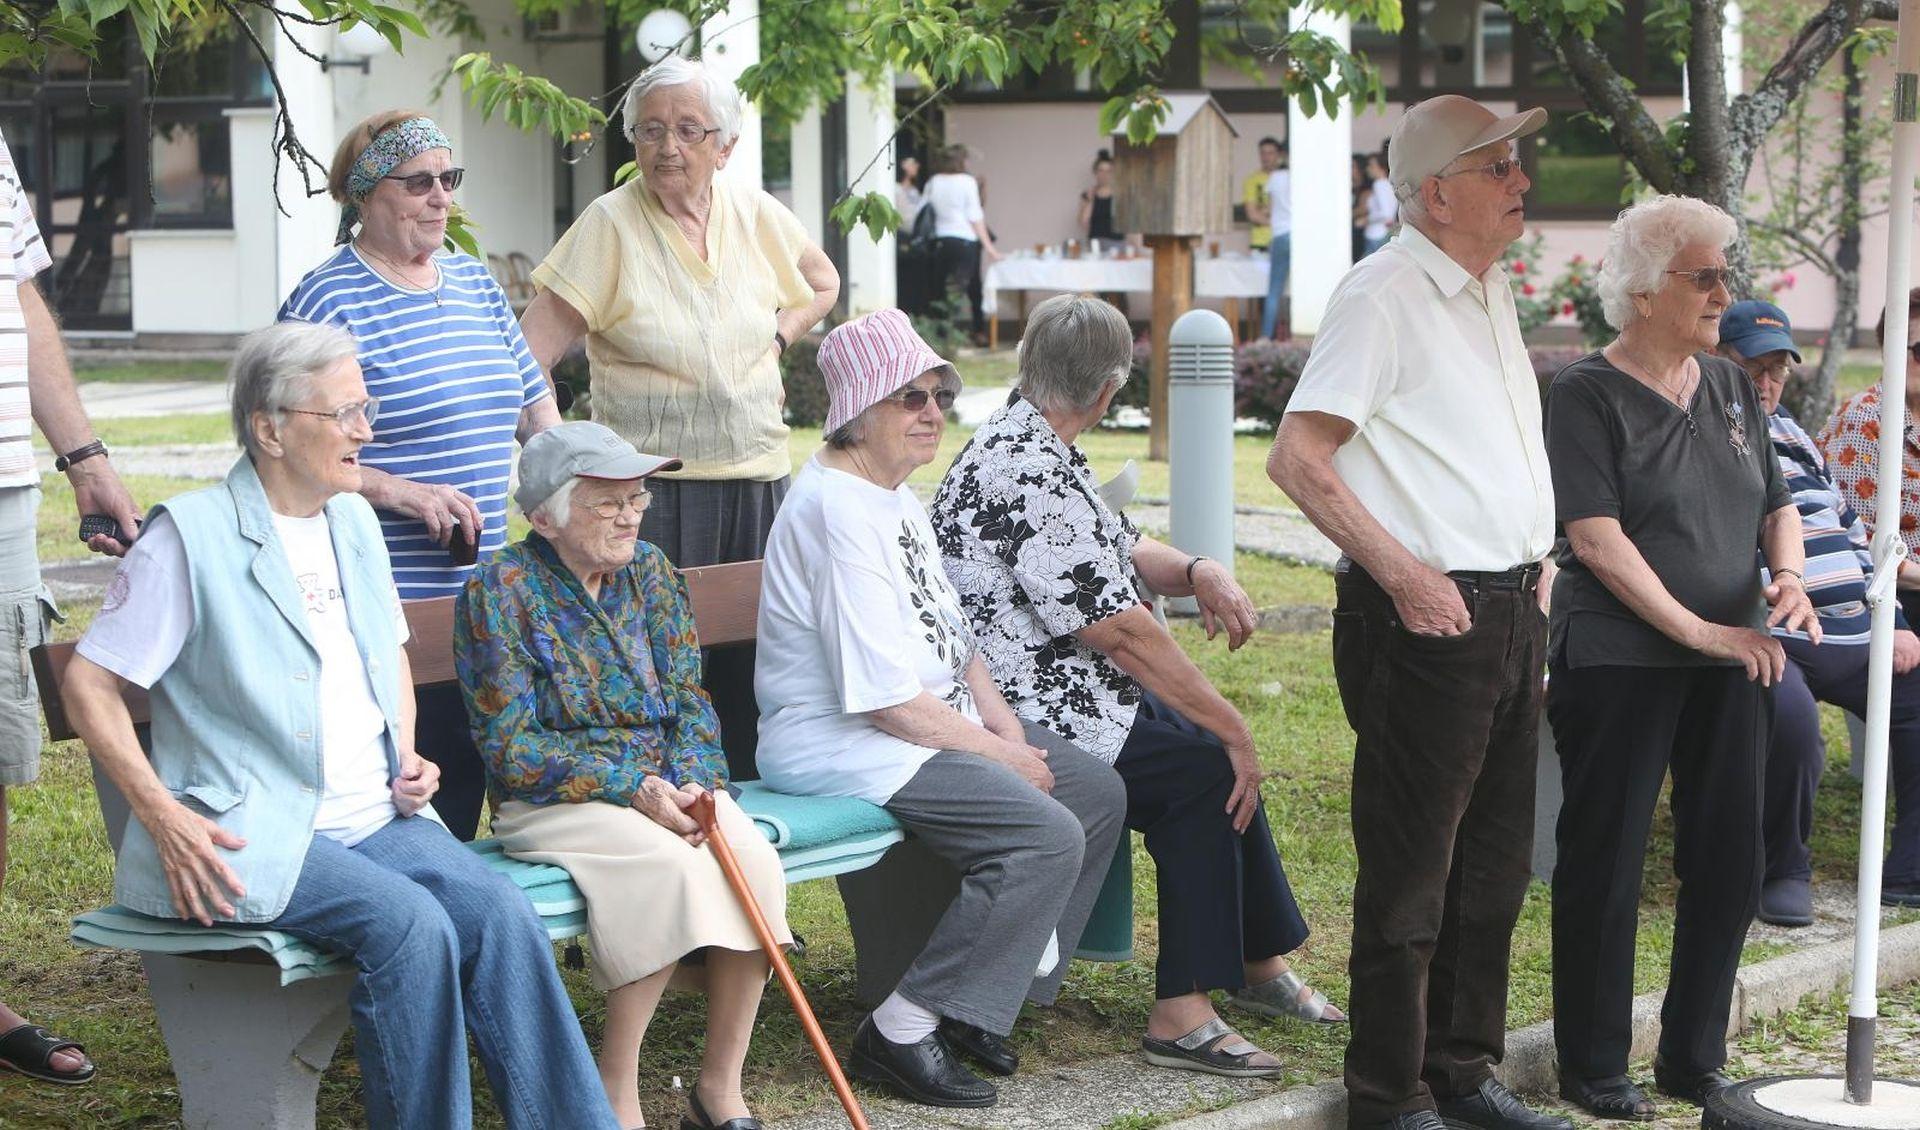 Međunarodni dan starijih osoba u znaku borbe protiv siromaštva u starosti